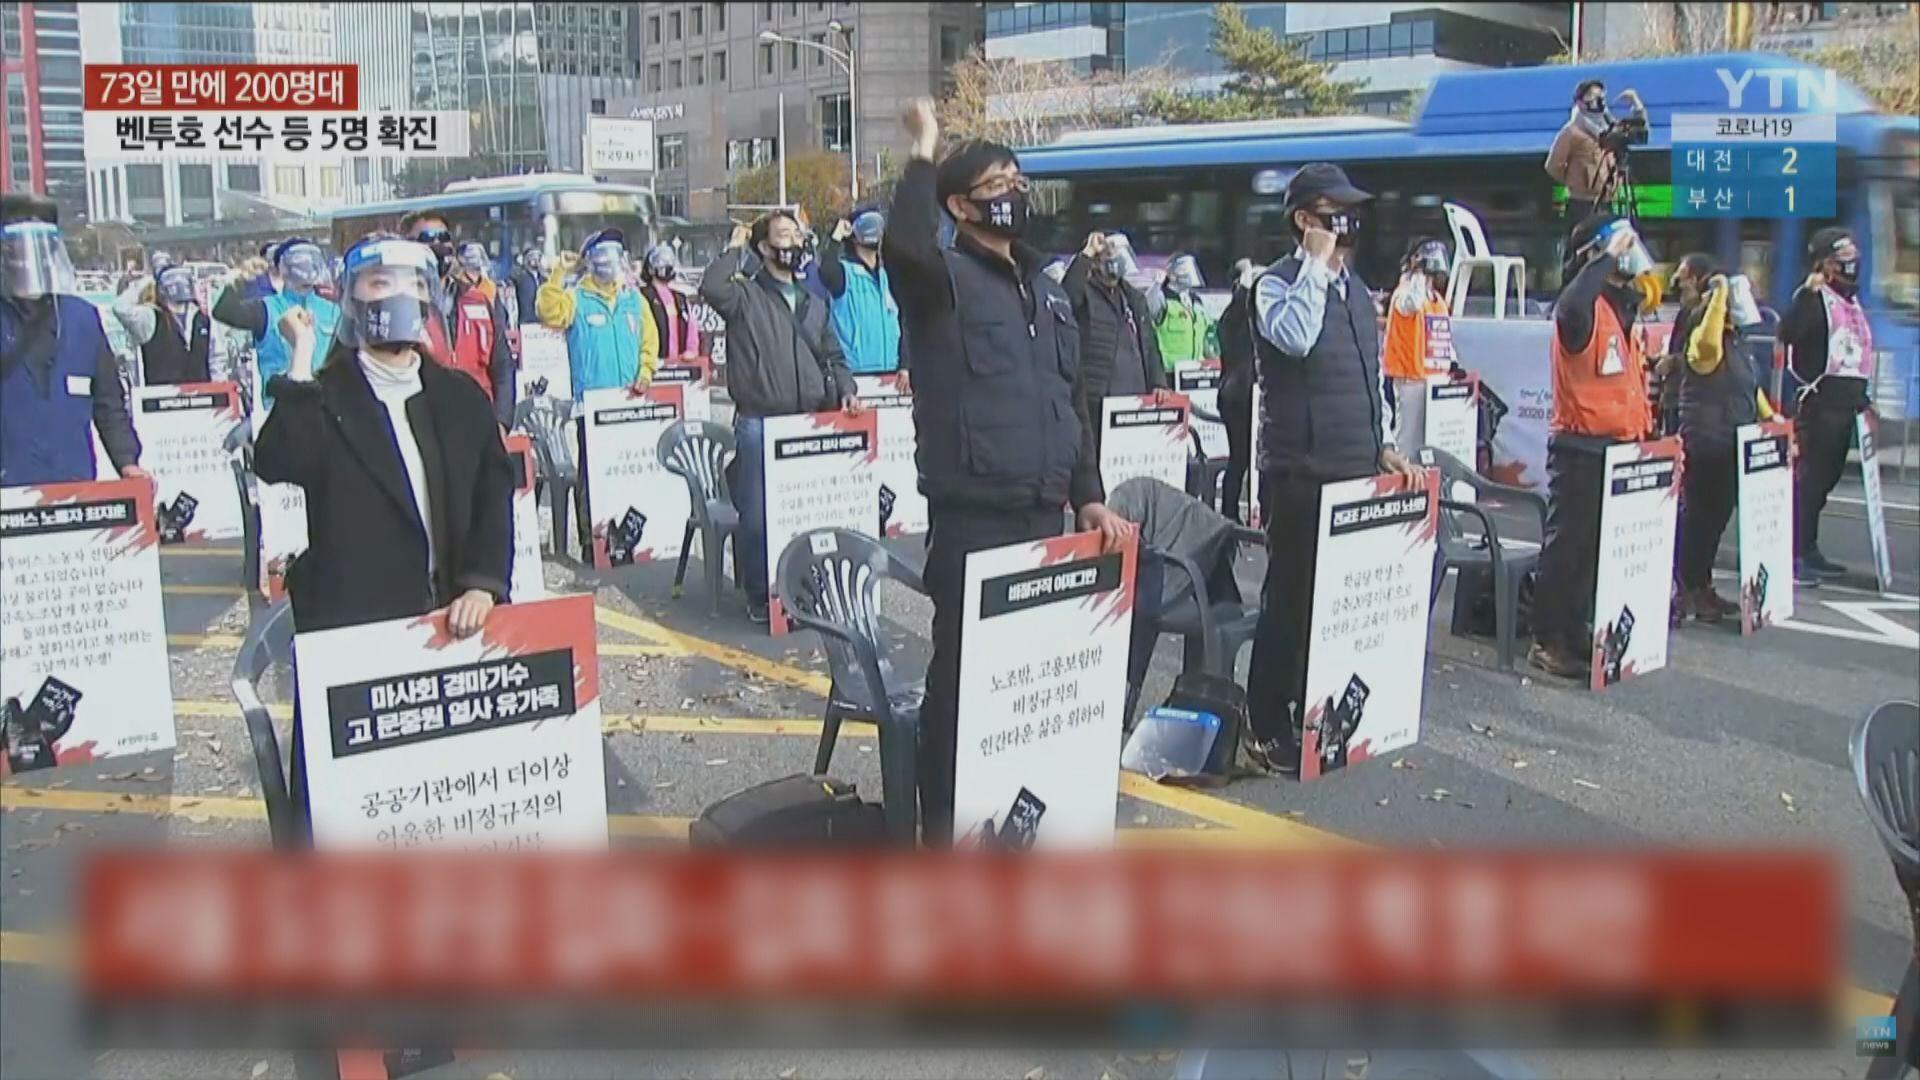 南韓當局擔心集會活動致疫情傳播